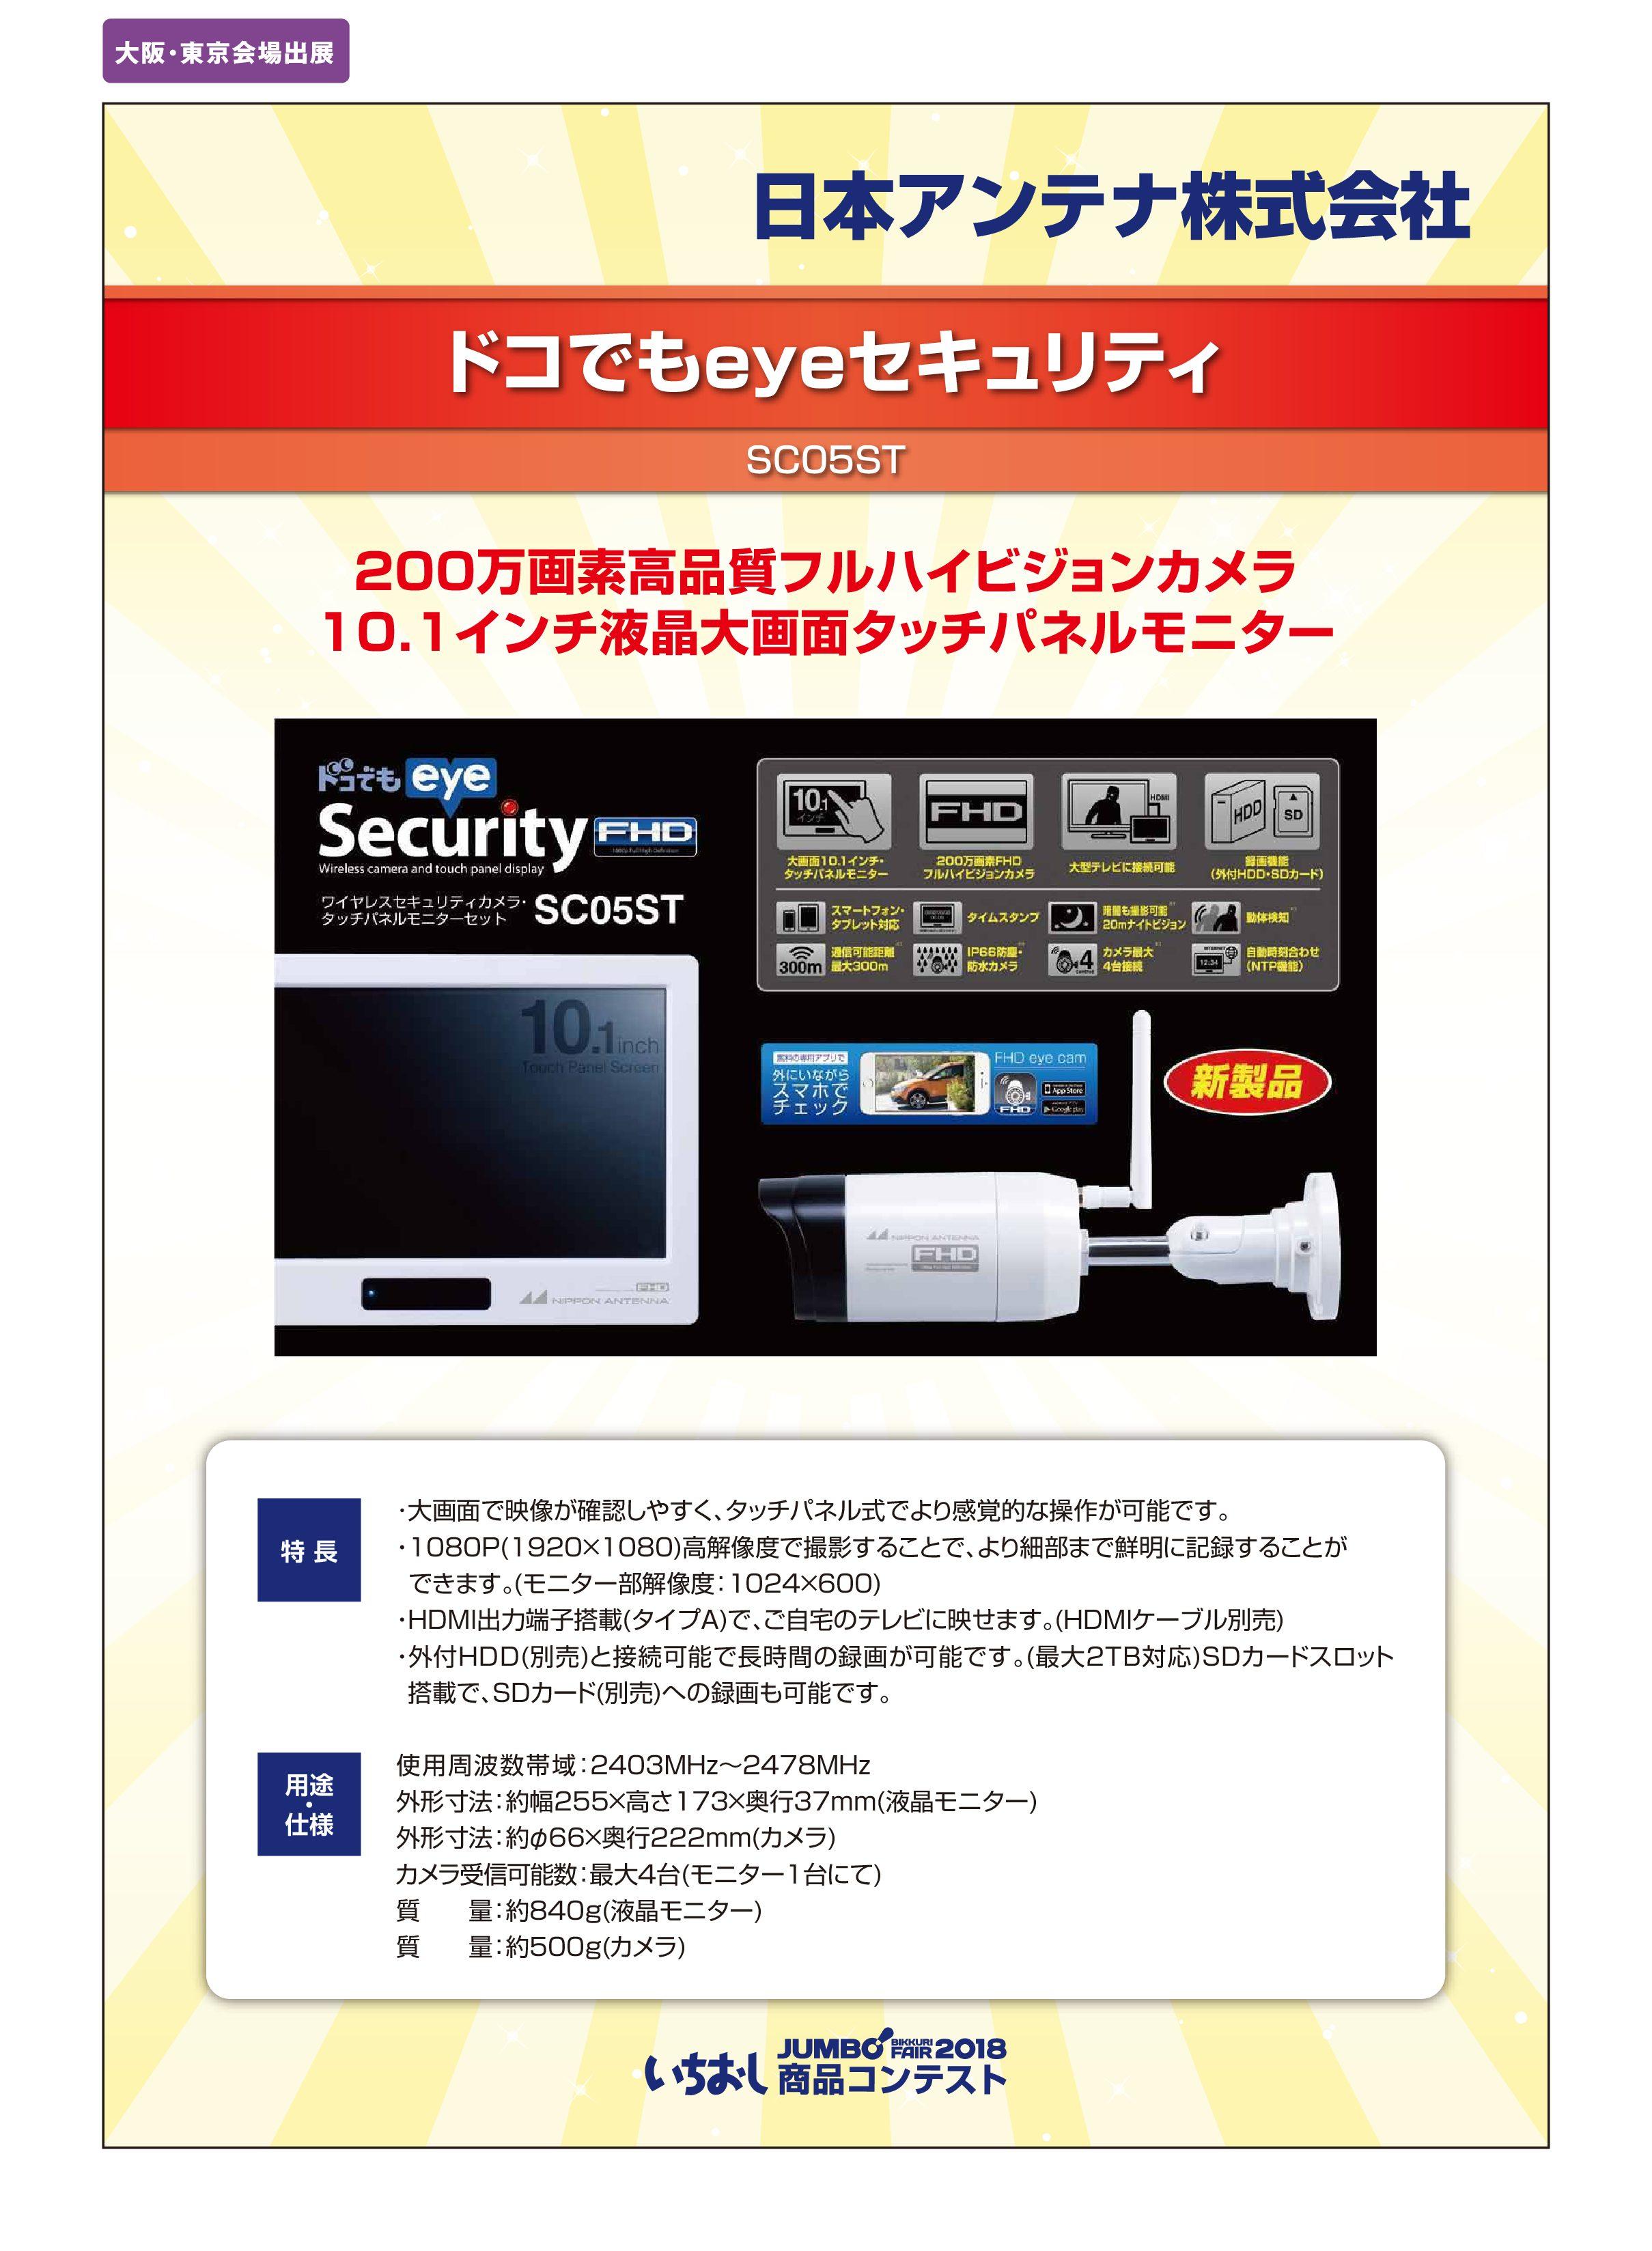 「ドコでもeyeセキュリティ」日本アンテナ株式会社の画像